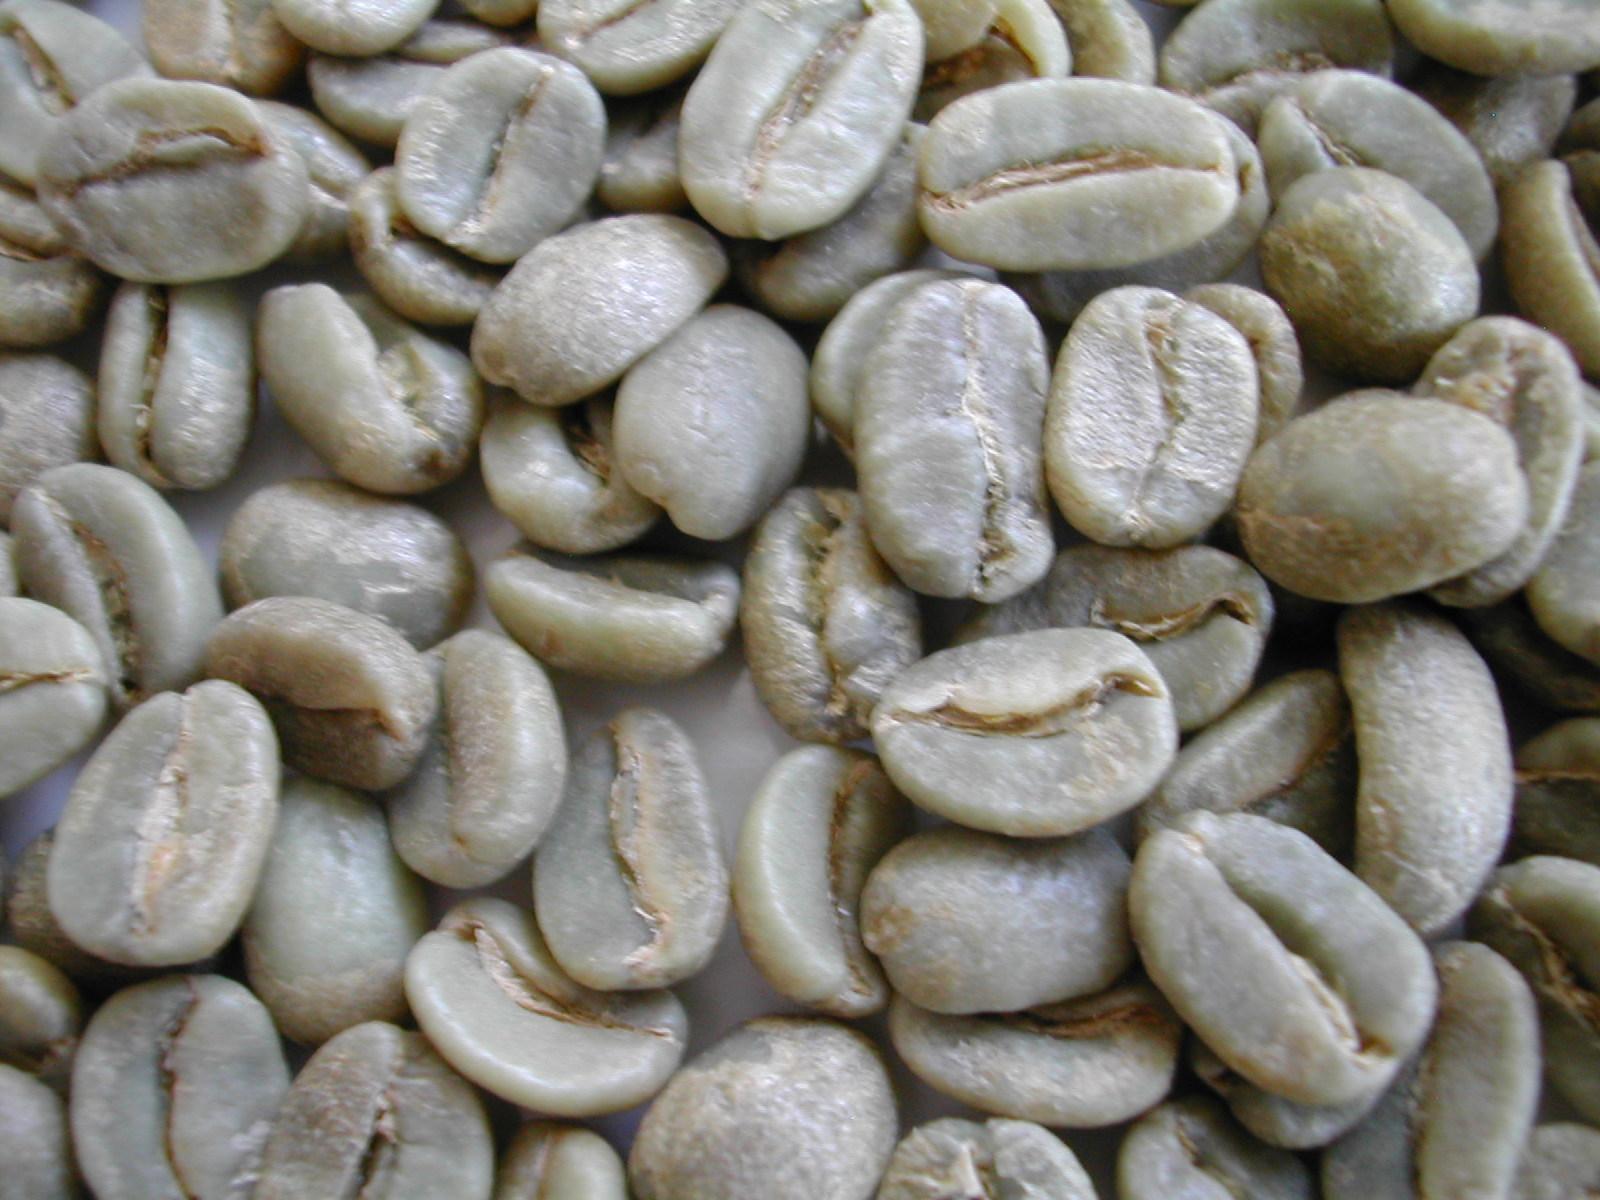 生豆 メーカー公式 JAS認証有機栽培 当店限定販売 PERU コチャパンパ 1kg